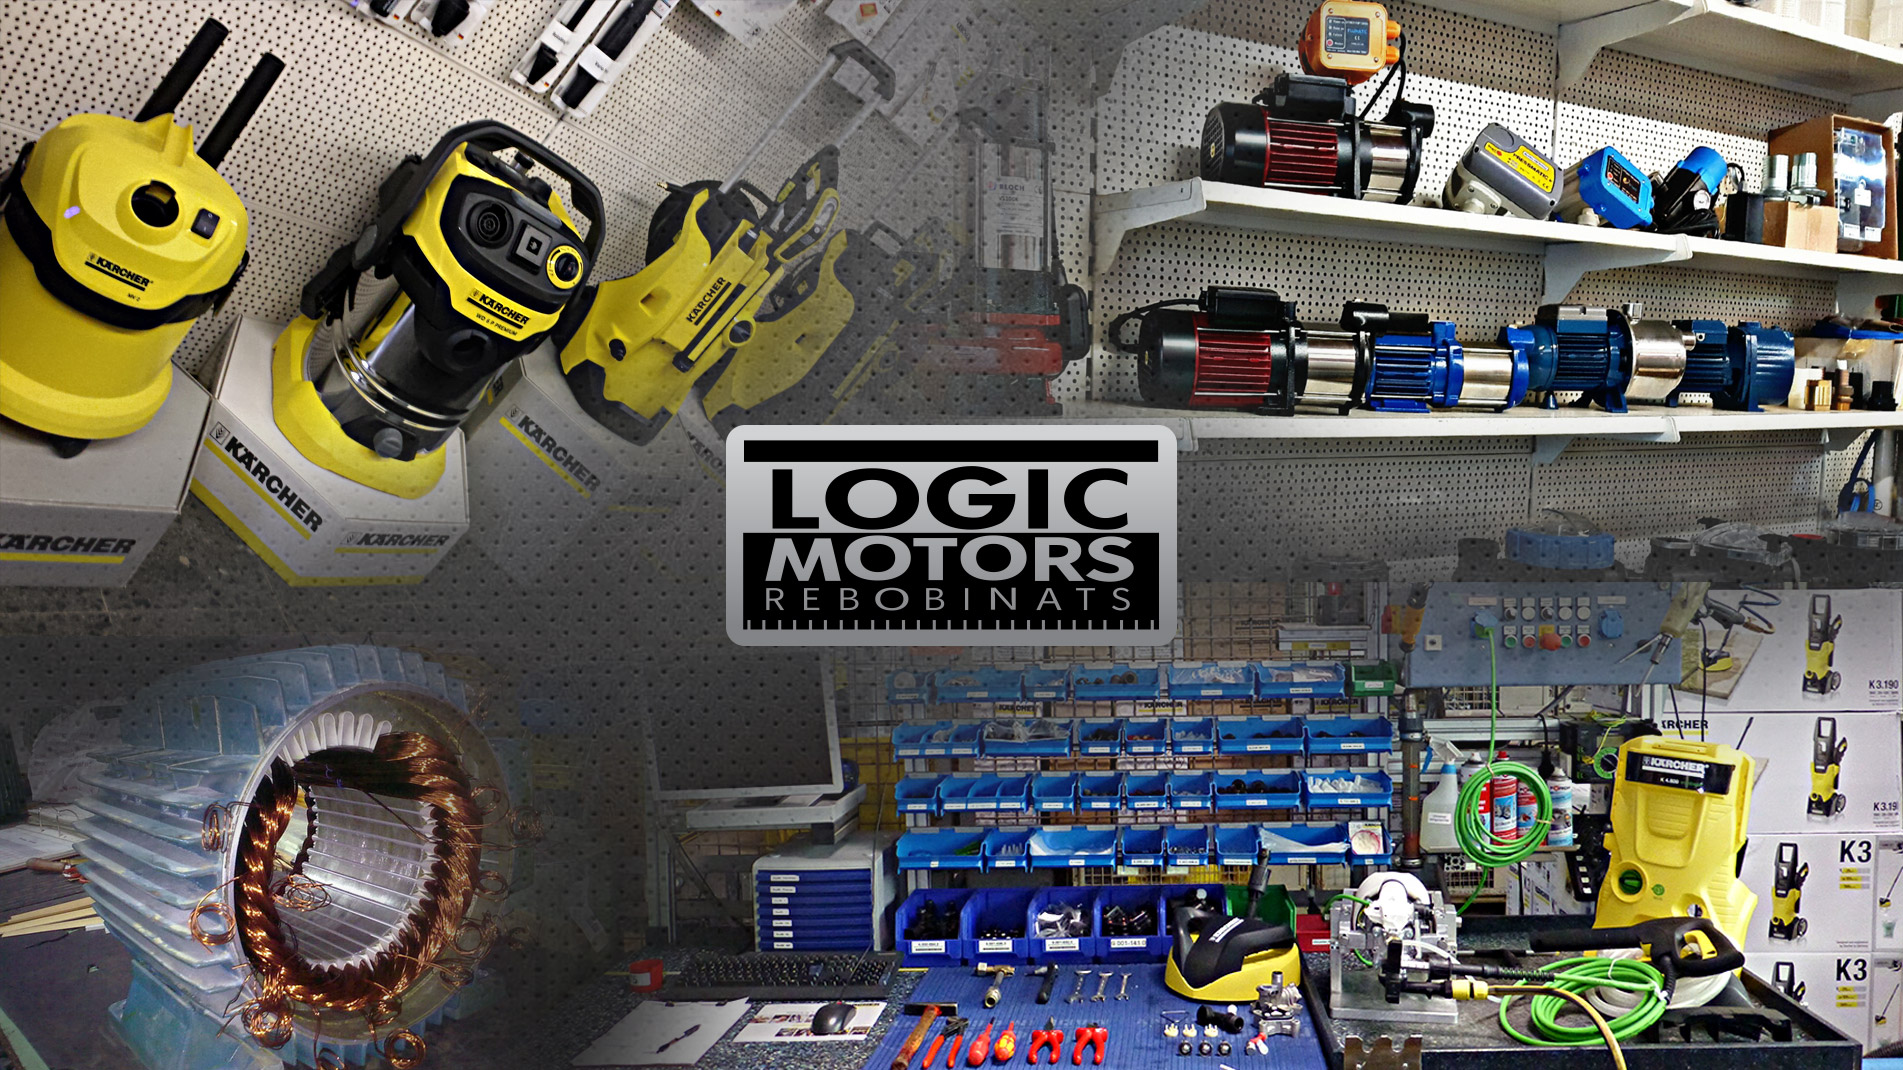 LOGIC MOTORS REBOBINATS